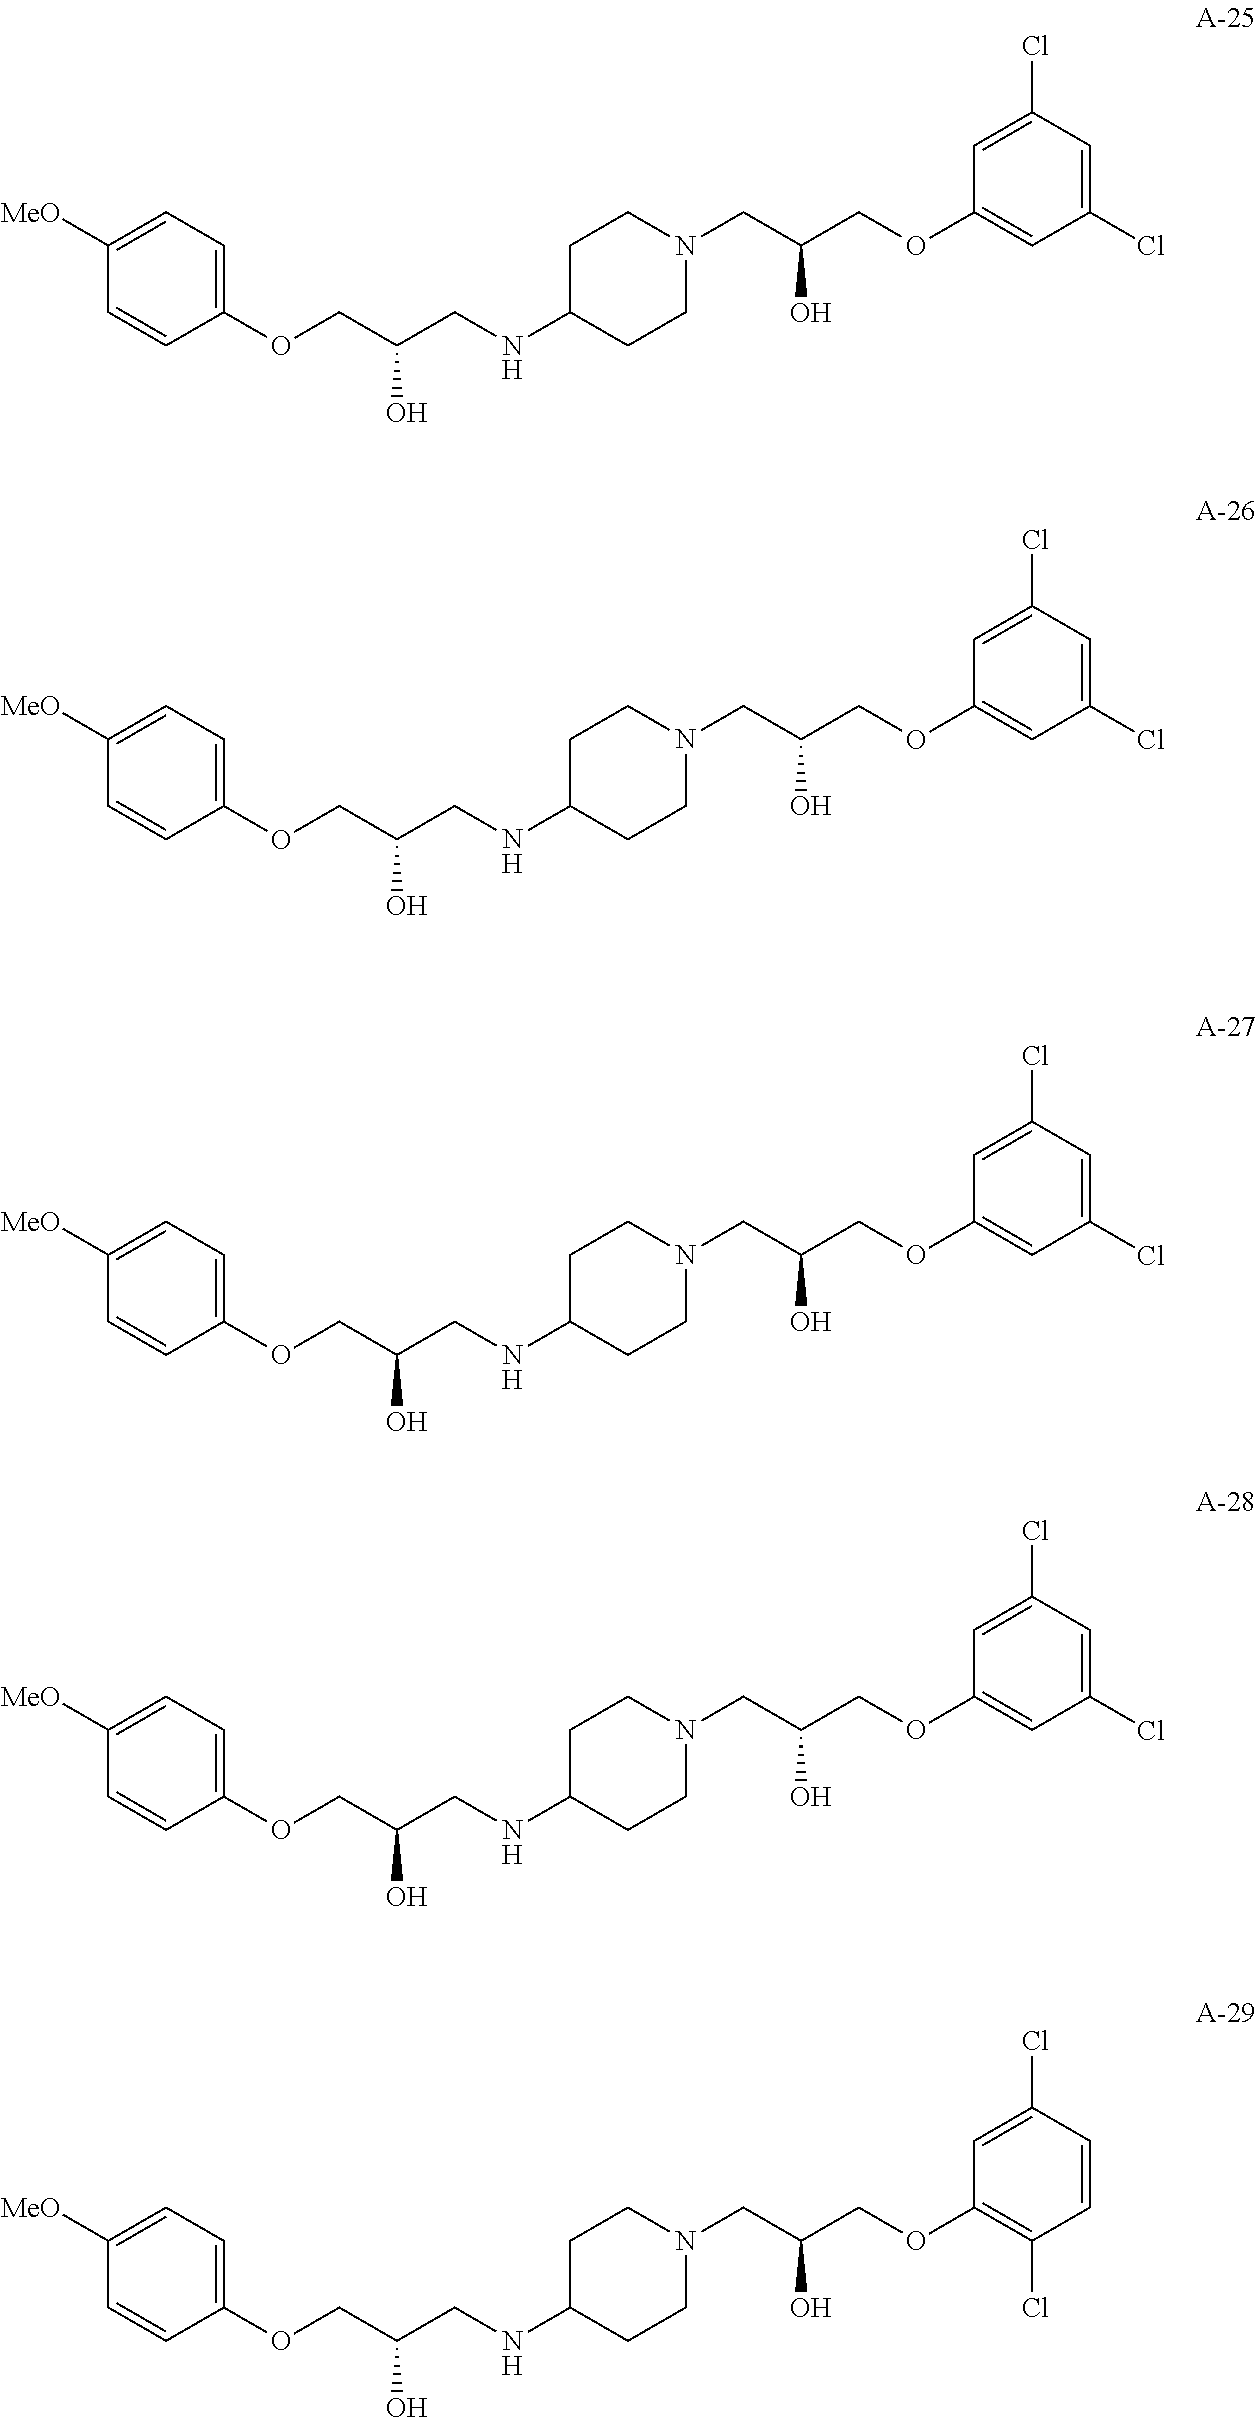 Figure US20190100493A1-20190404-C00009